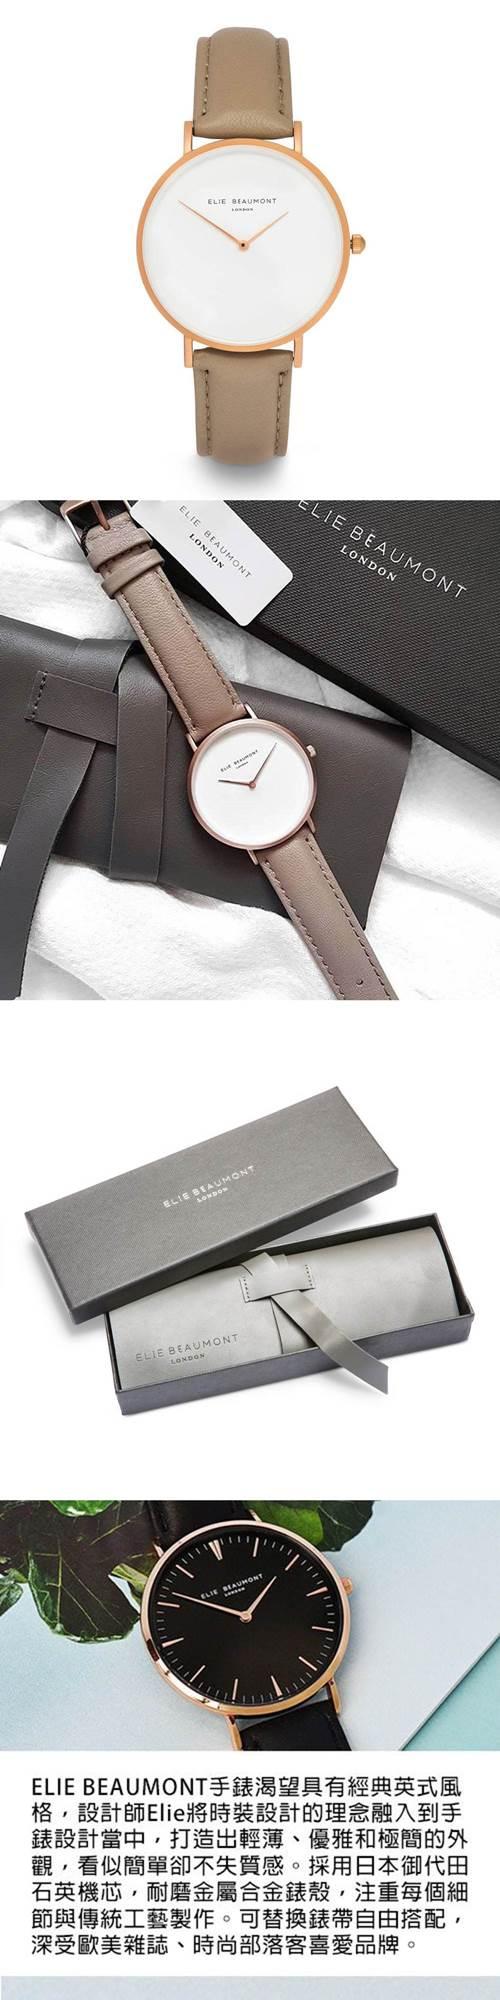 (複製)Elie Beaumont 英國時尚手錶 牛津系列 白錶盤x牛津灰錶帶x銀錶框38mm